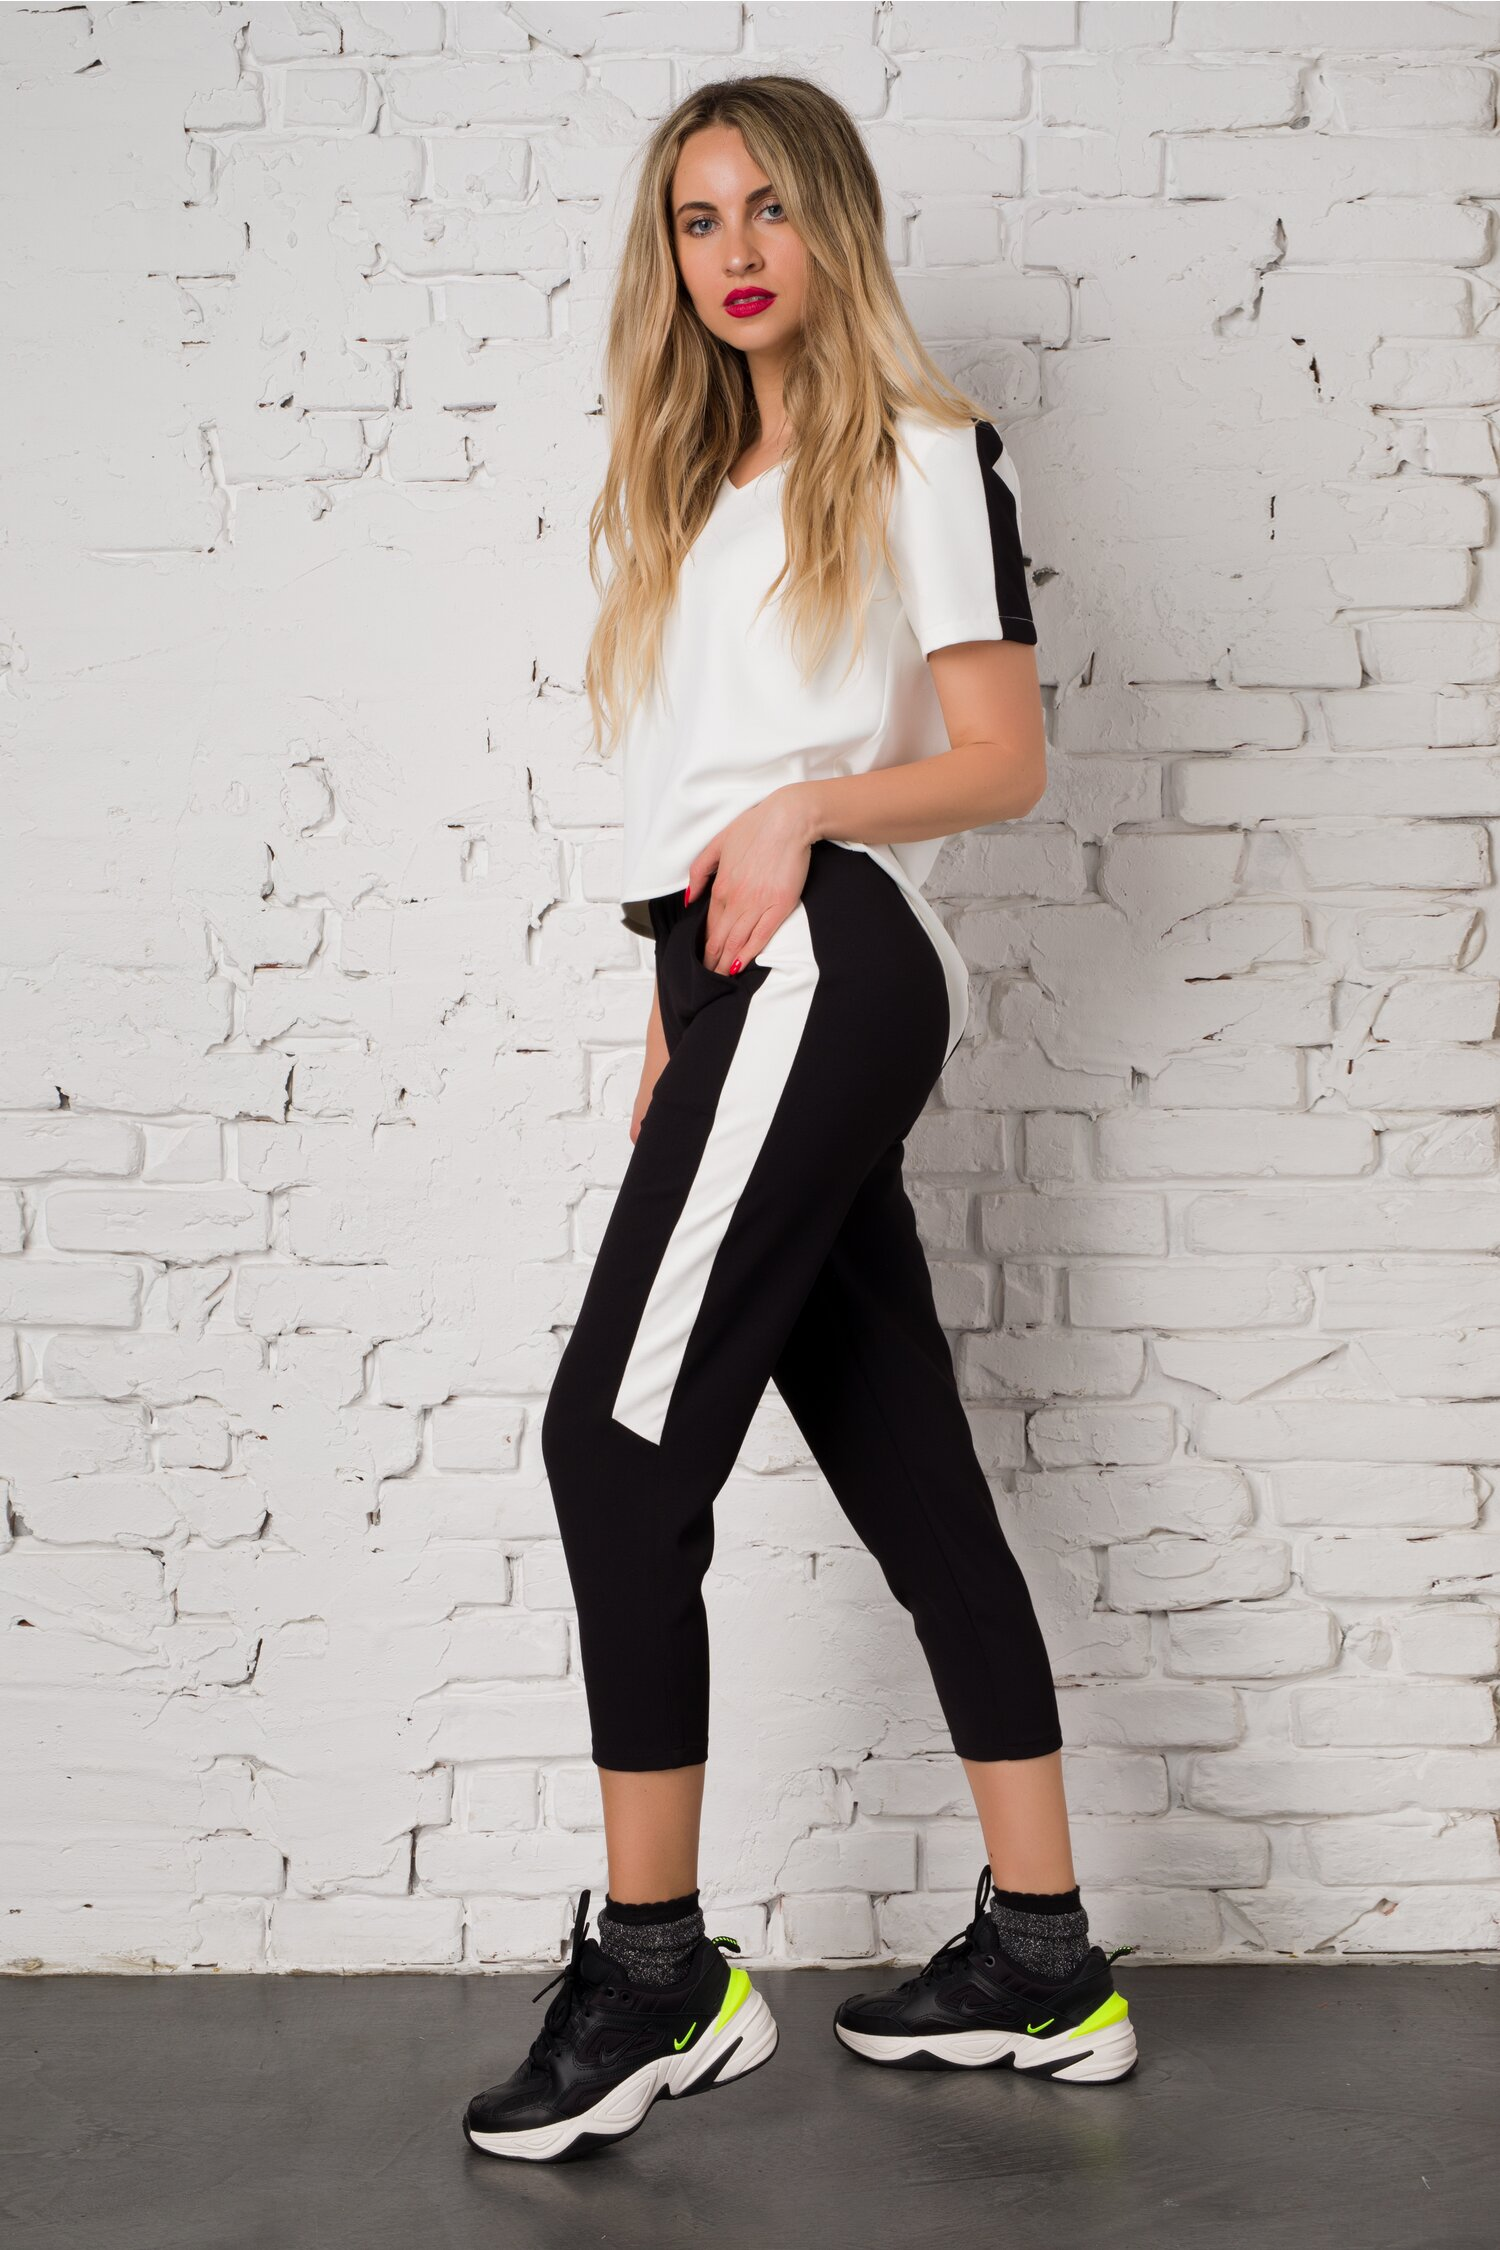 Compleu Ella Collection Valeria cu top alb si pantaloni negri